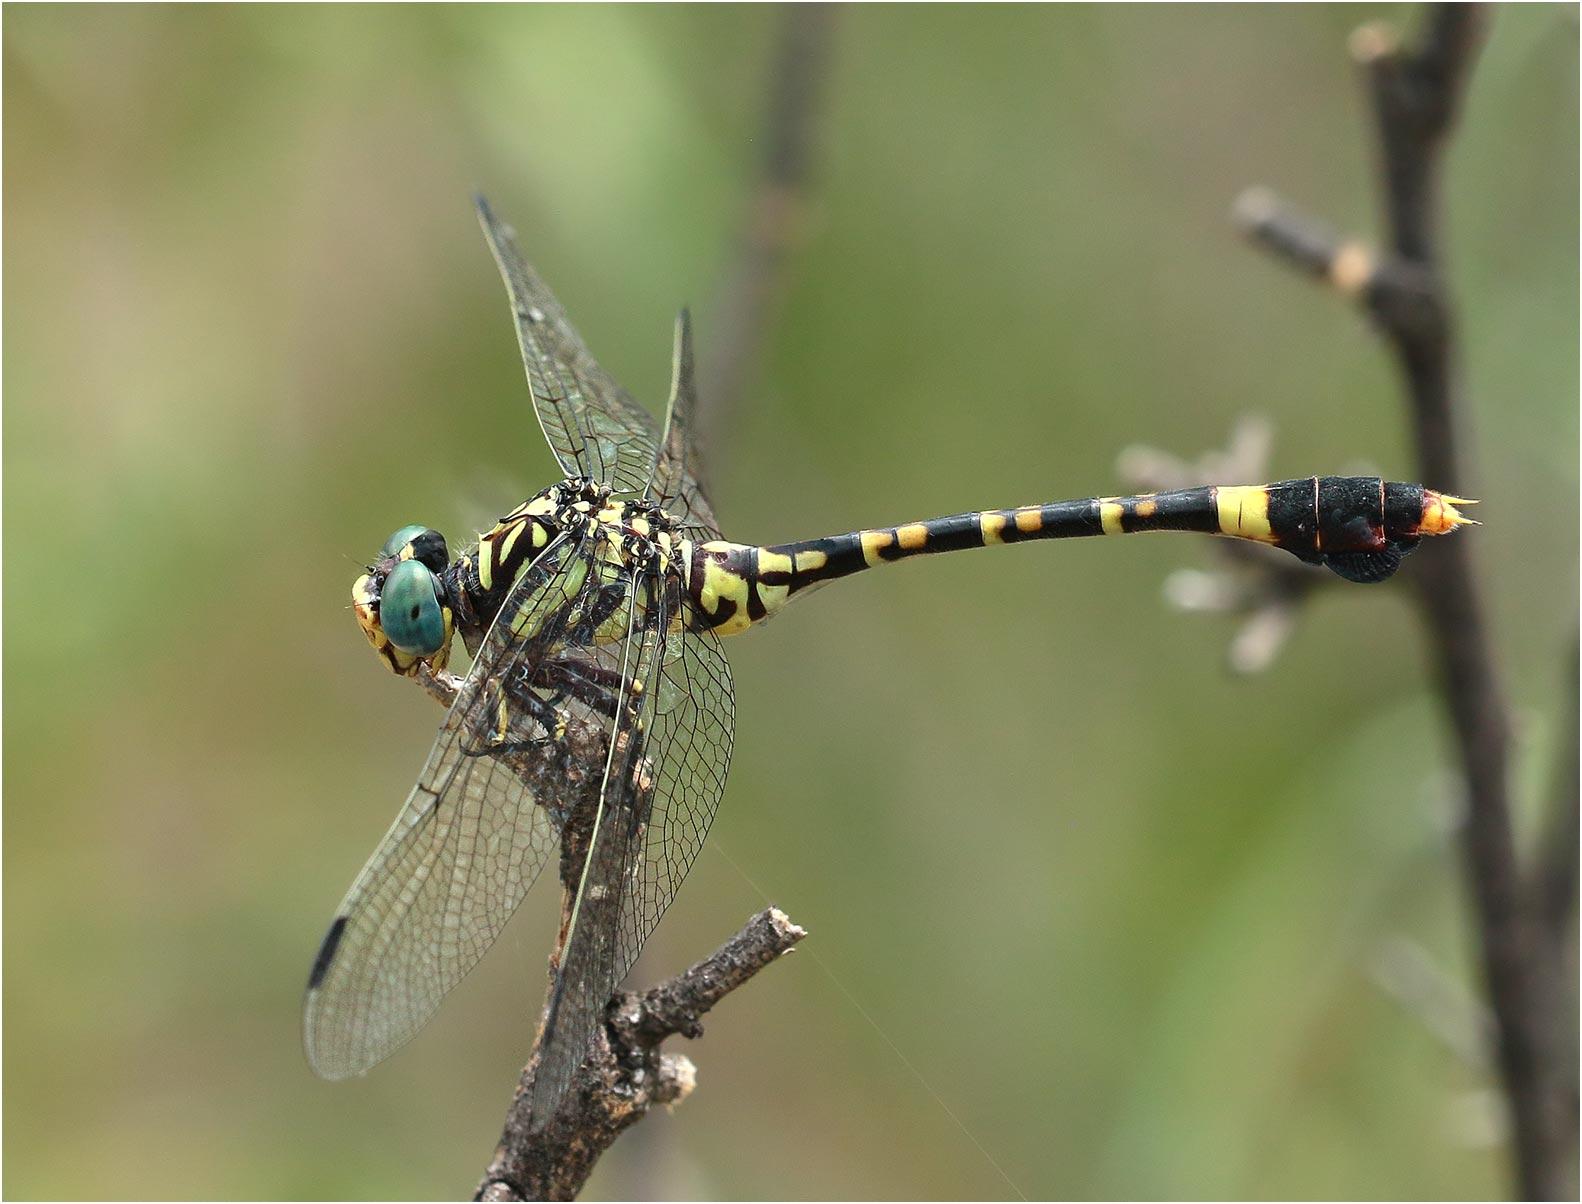 Paragomphus sabicus femelle, Namibie, Rundu le long de l'Okavango, 10/02/2020